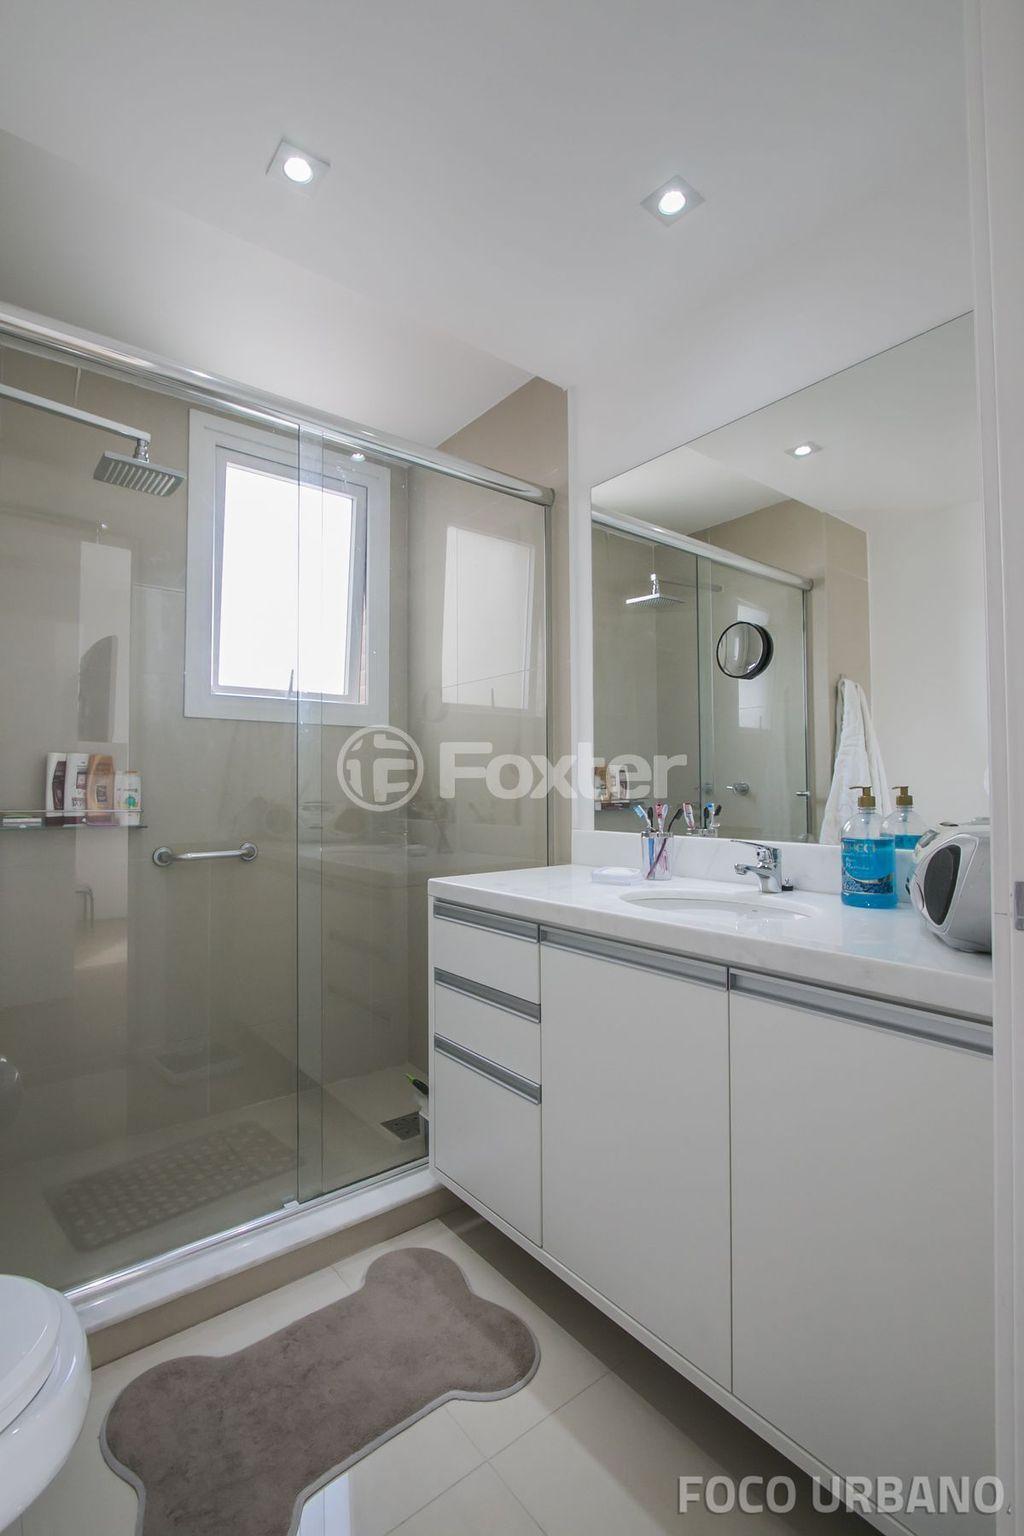 Foxter Imobiliária - Apto 3 Dorm, Floresta - Foto 30